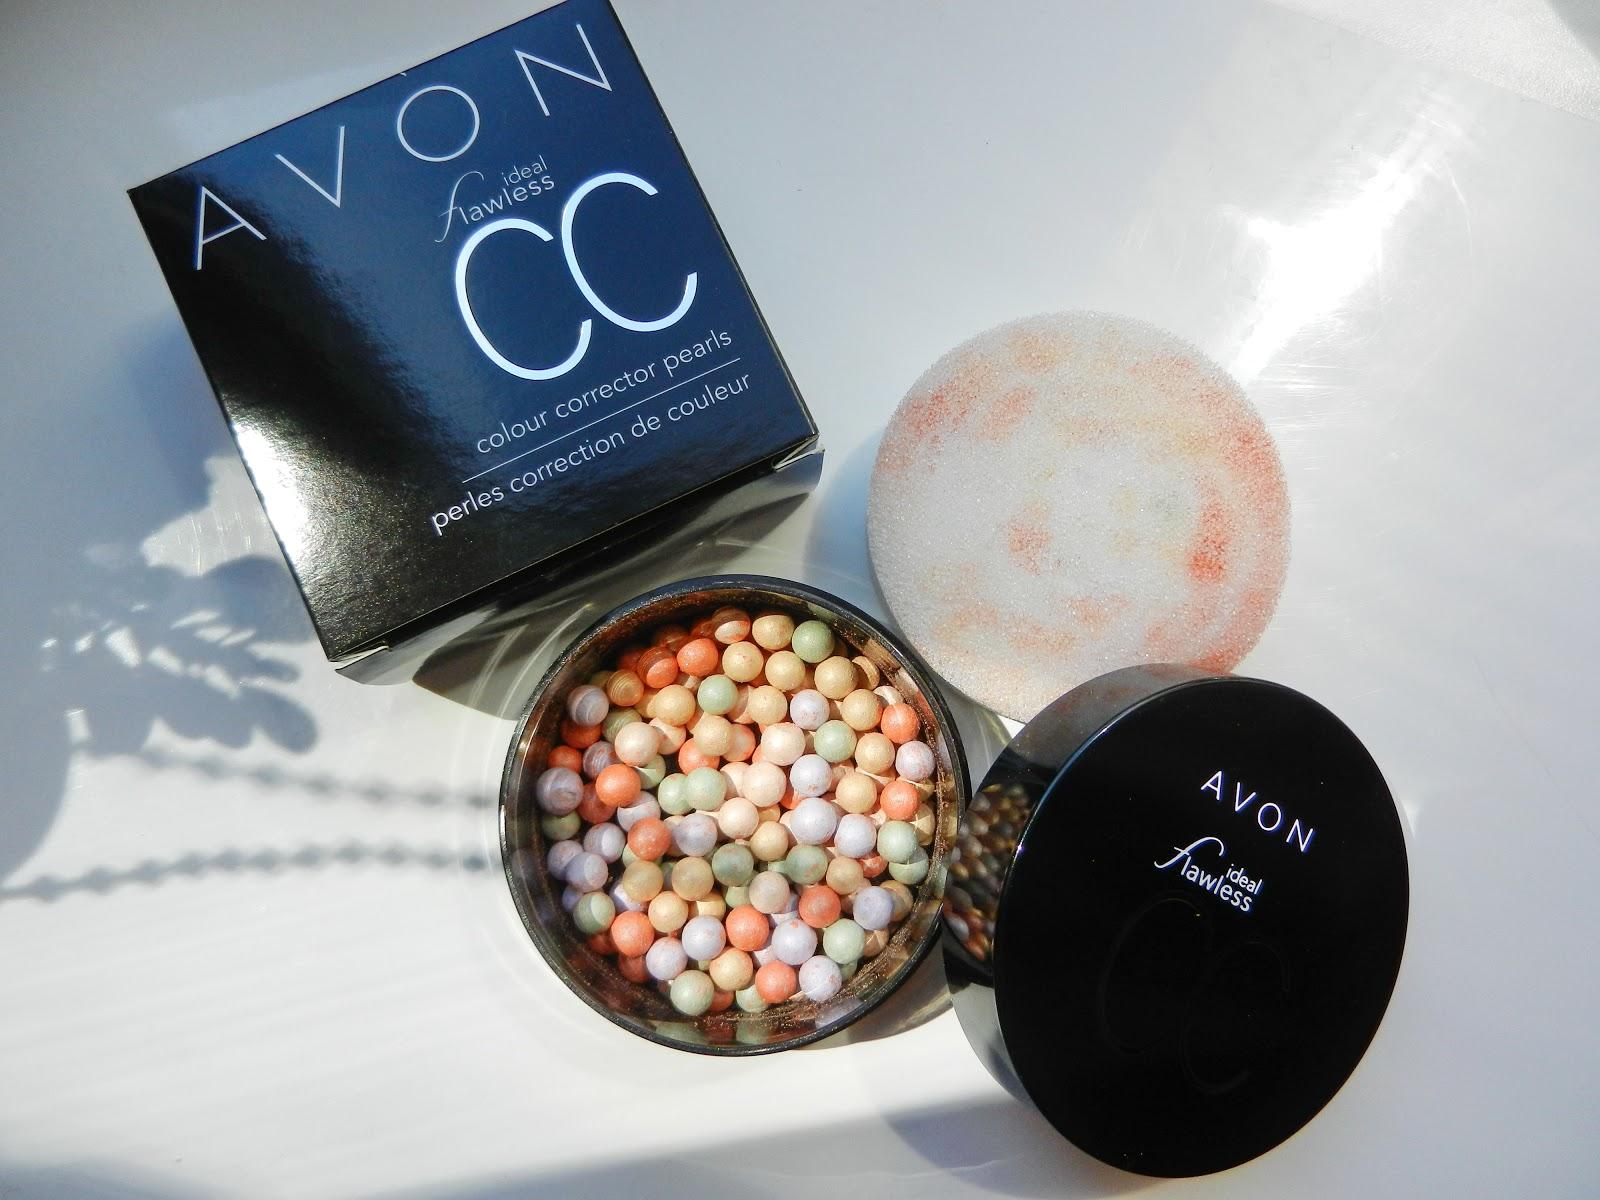 Что такое пудра шарики от эйвон 4 фотография